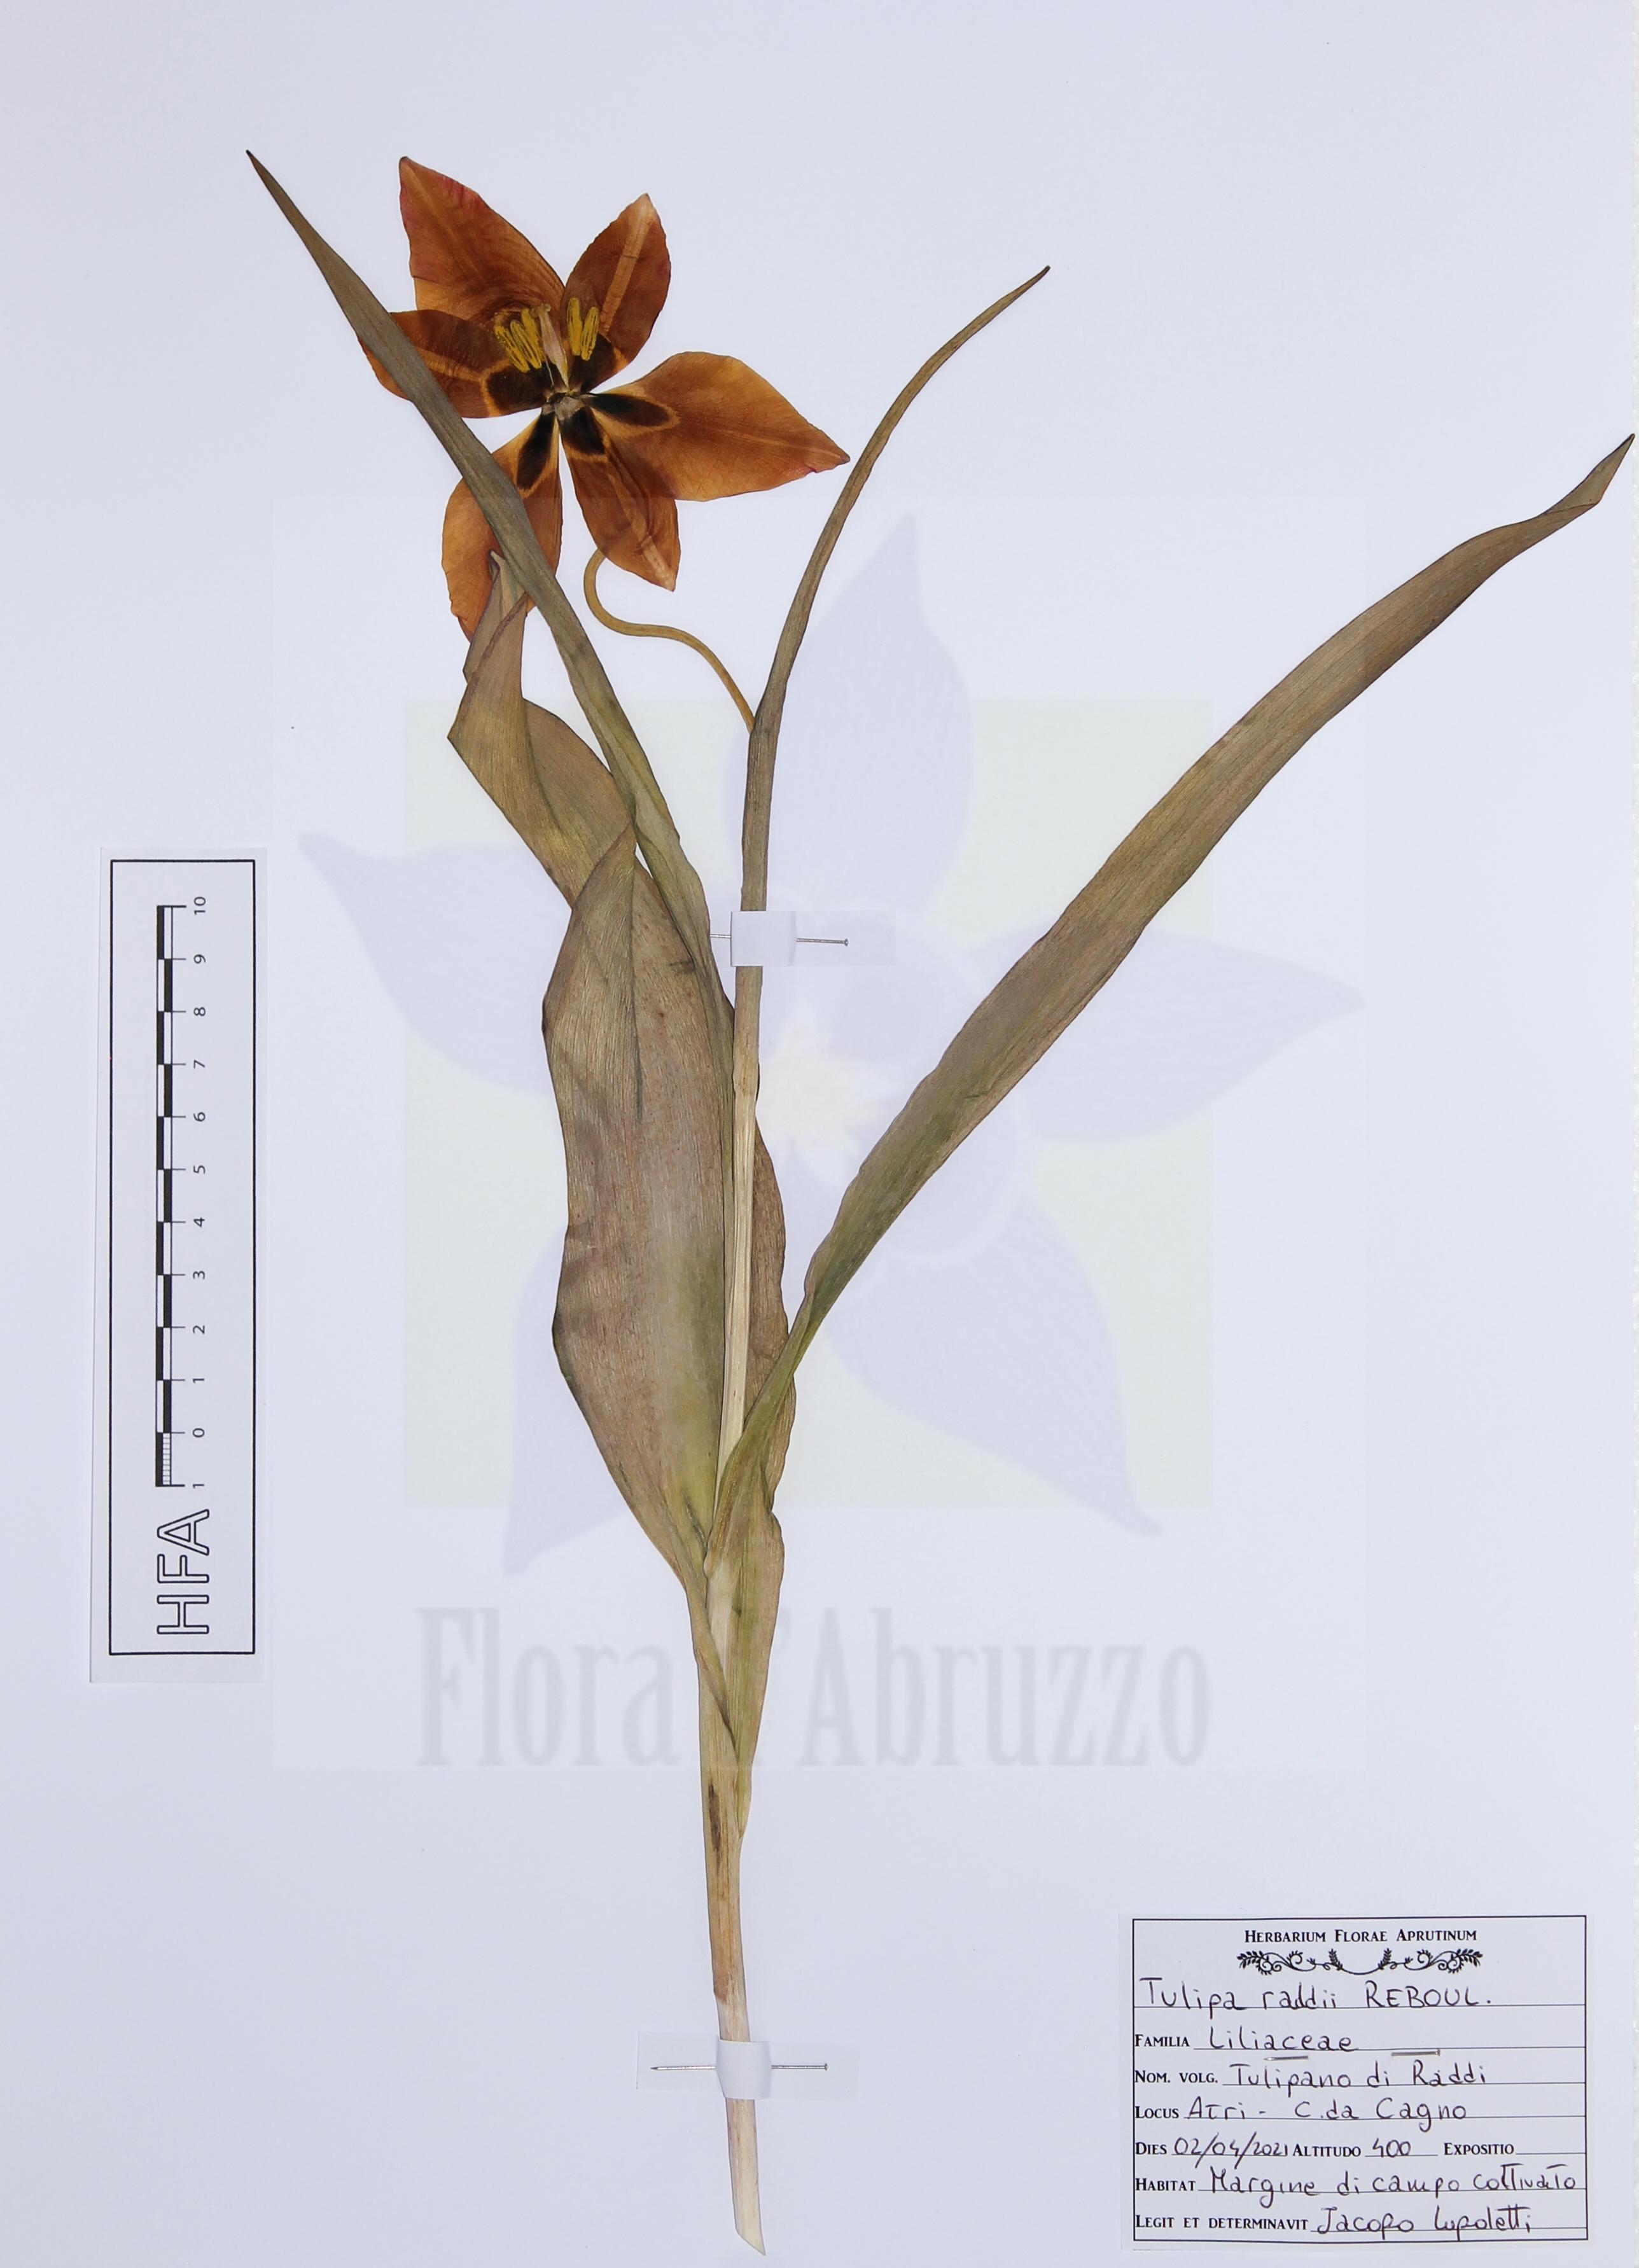 Tulipa raddiiReboul